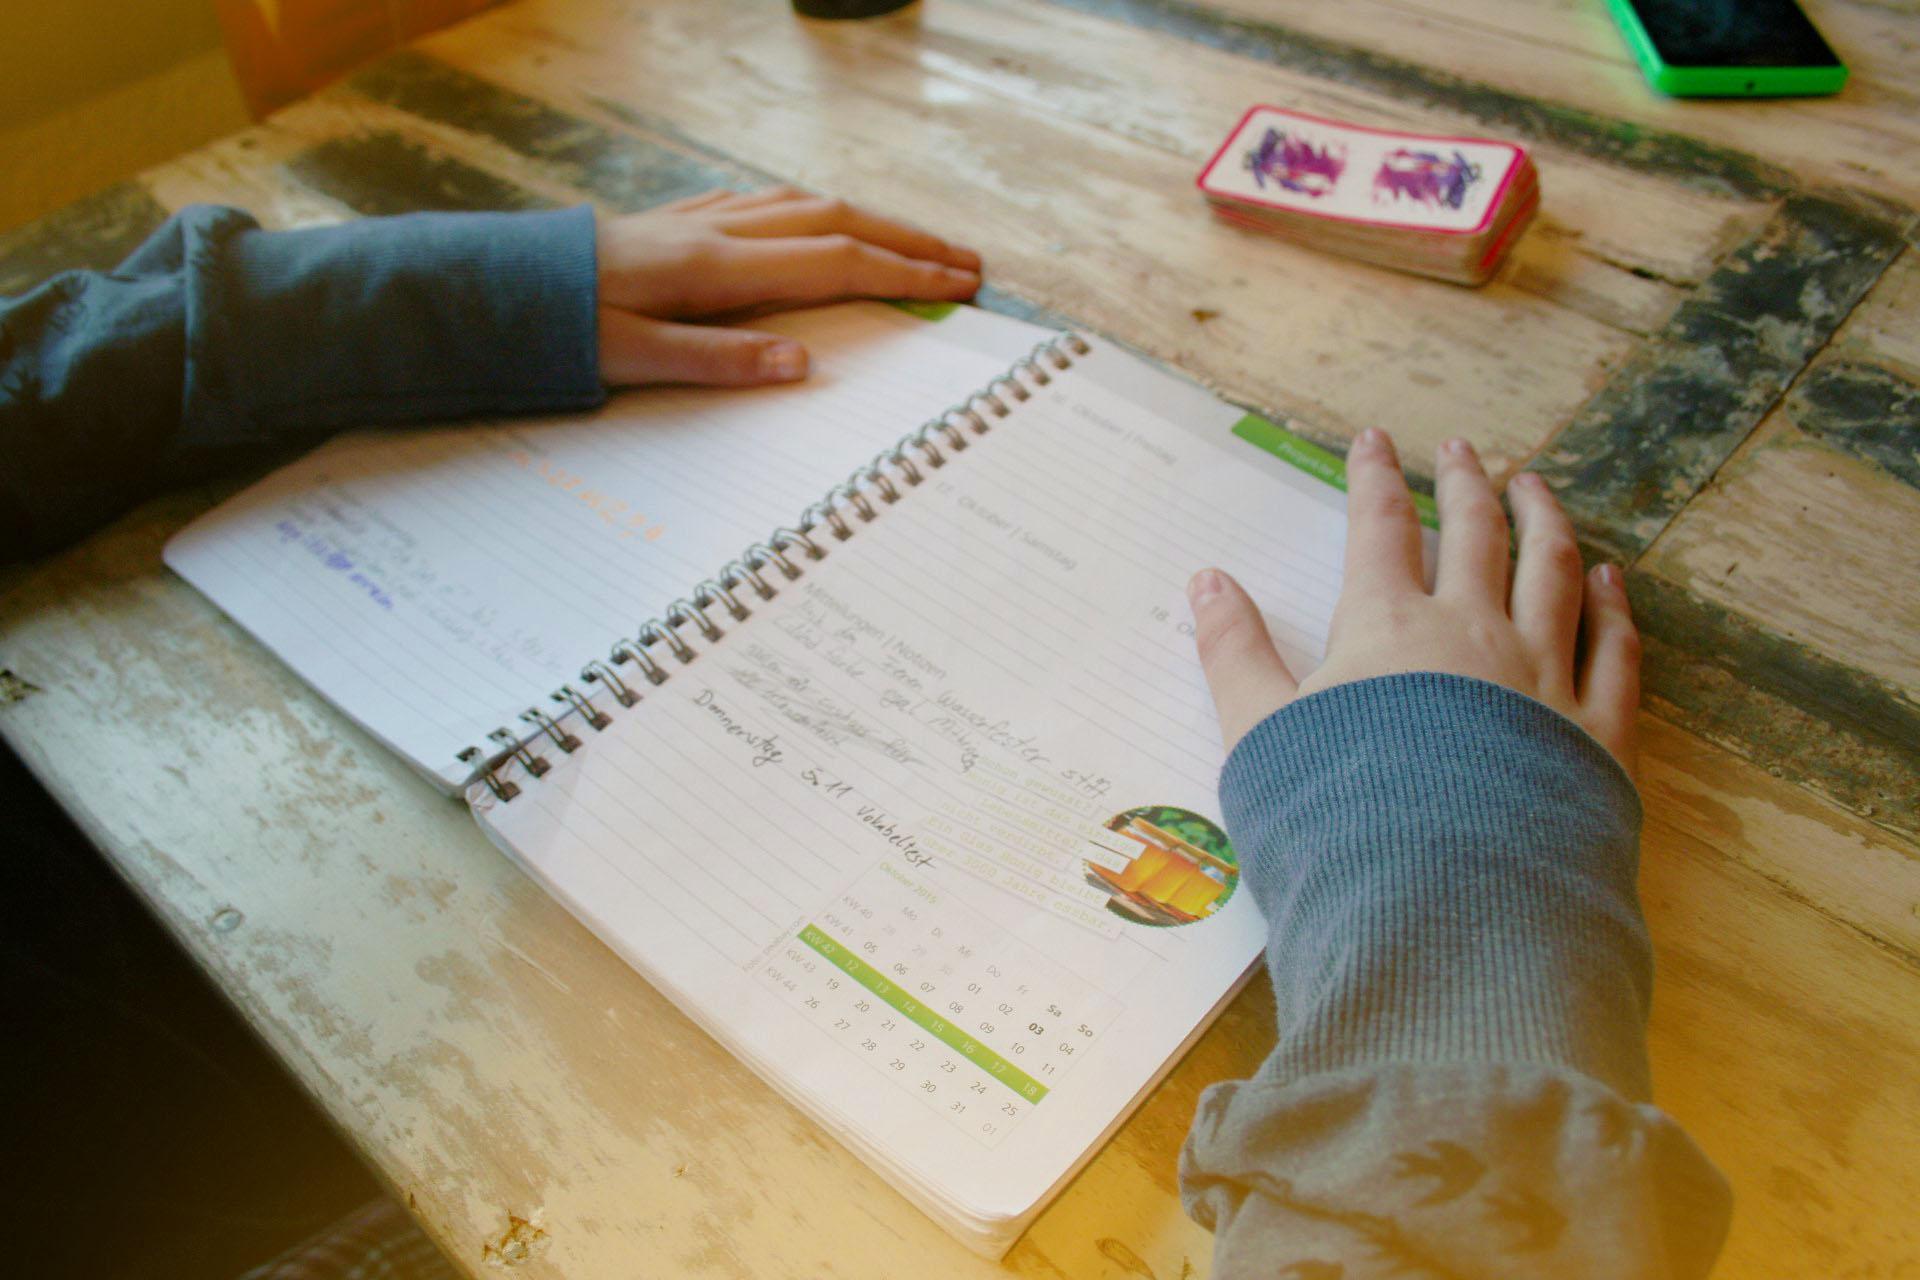 Mein Schülerplaner entdecken